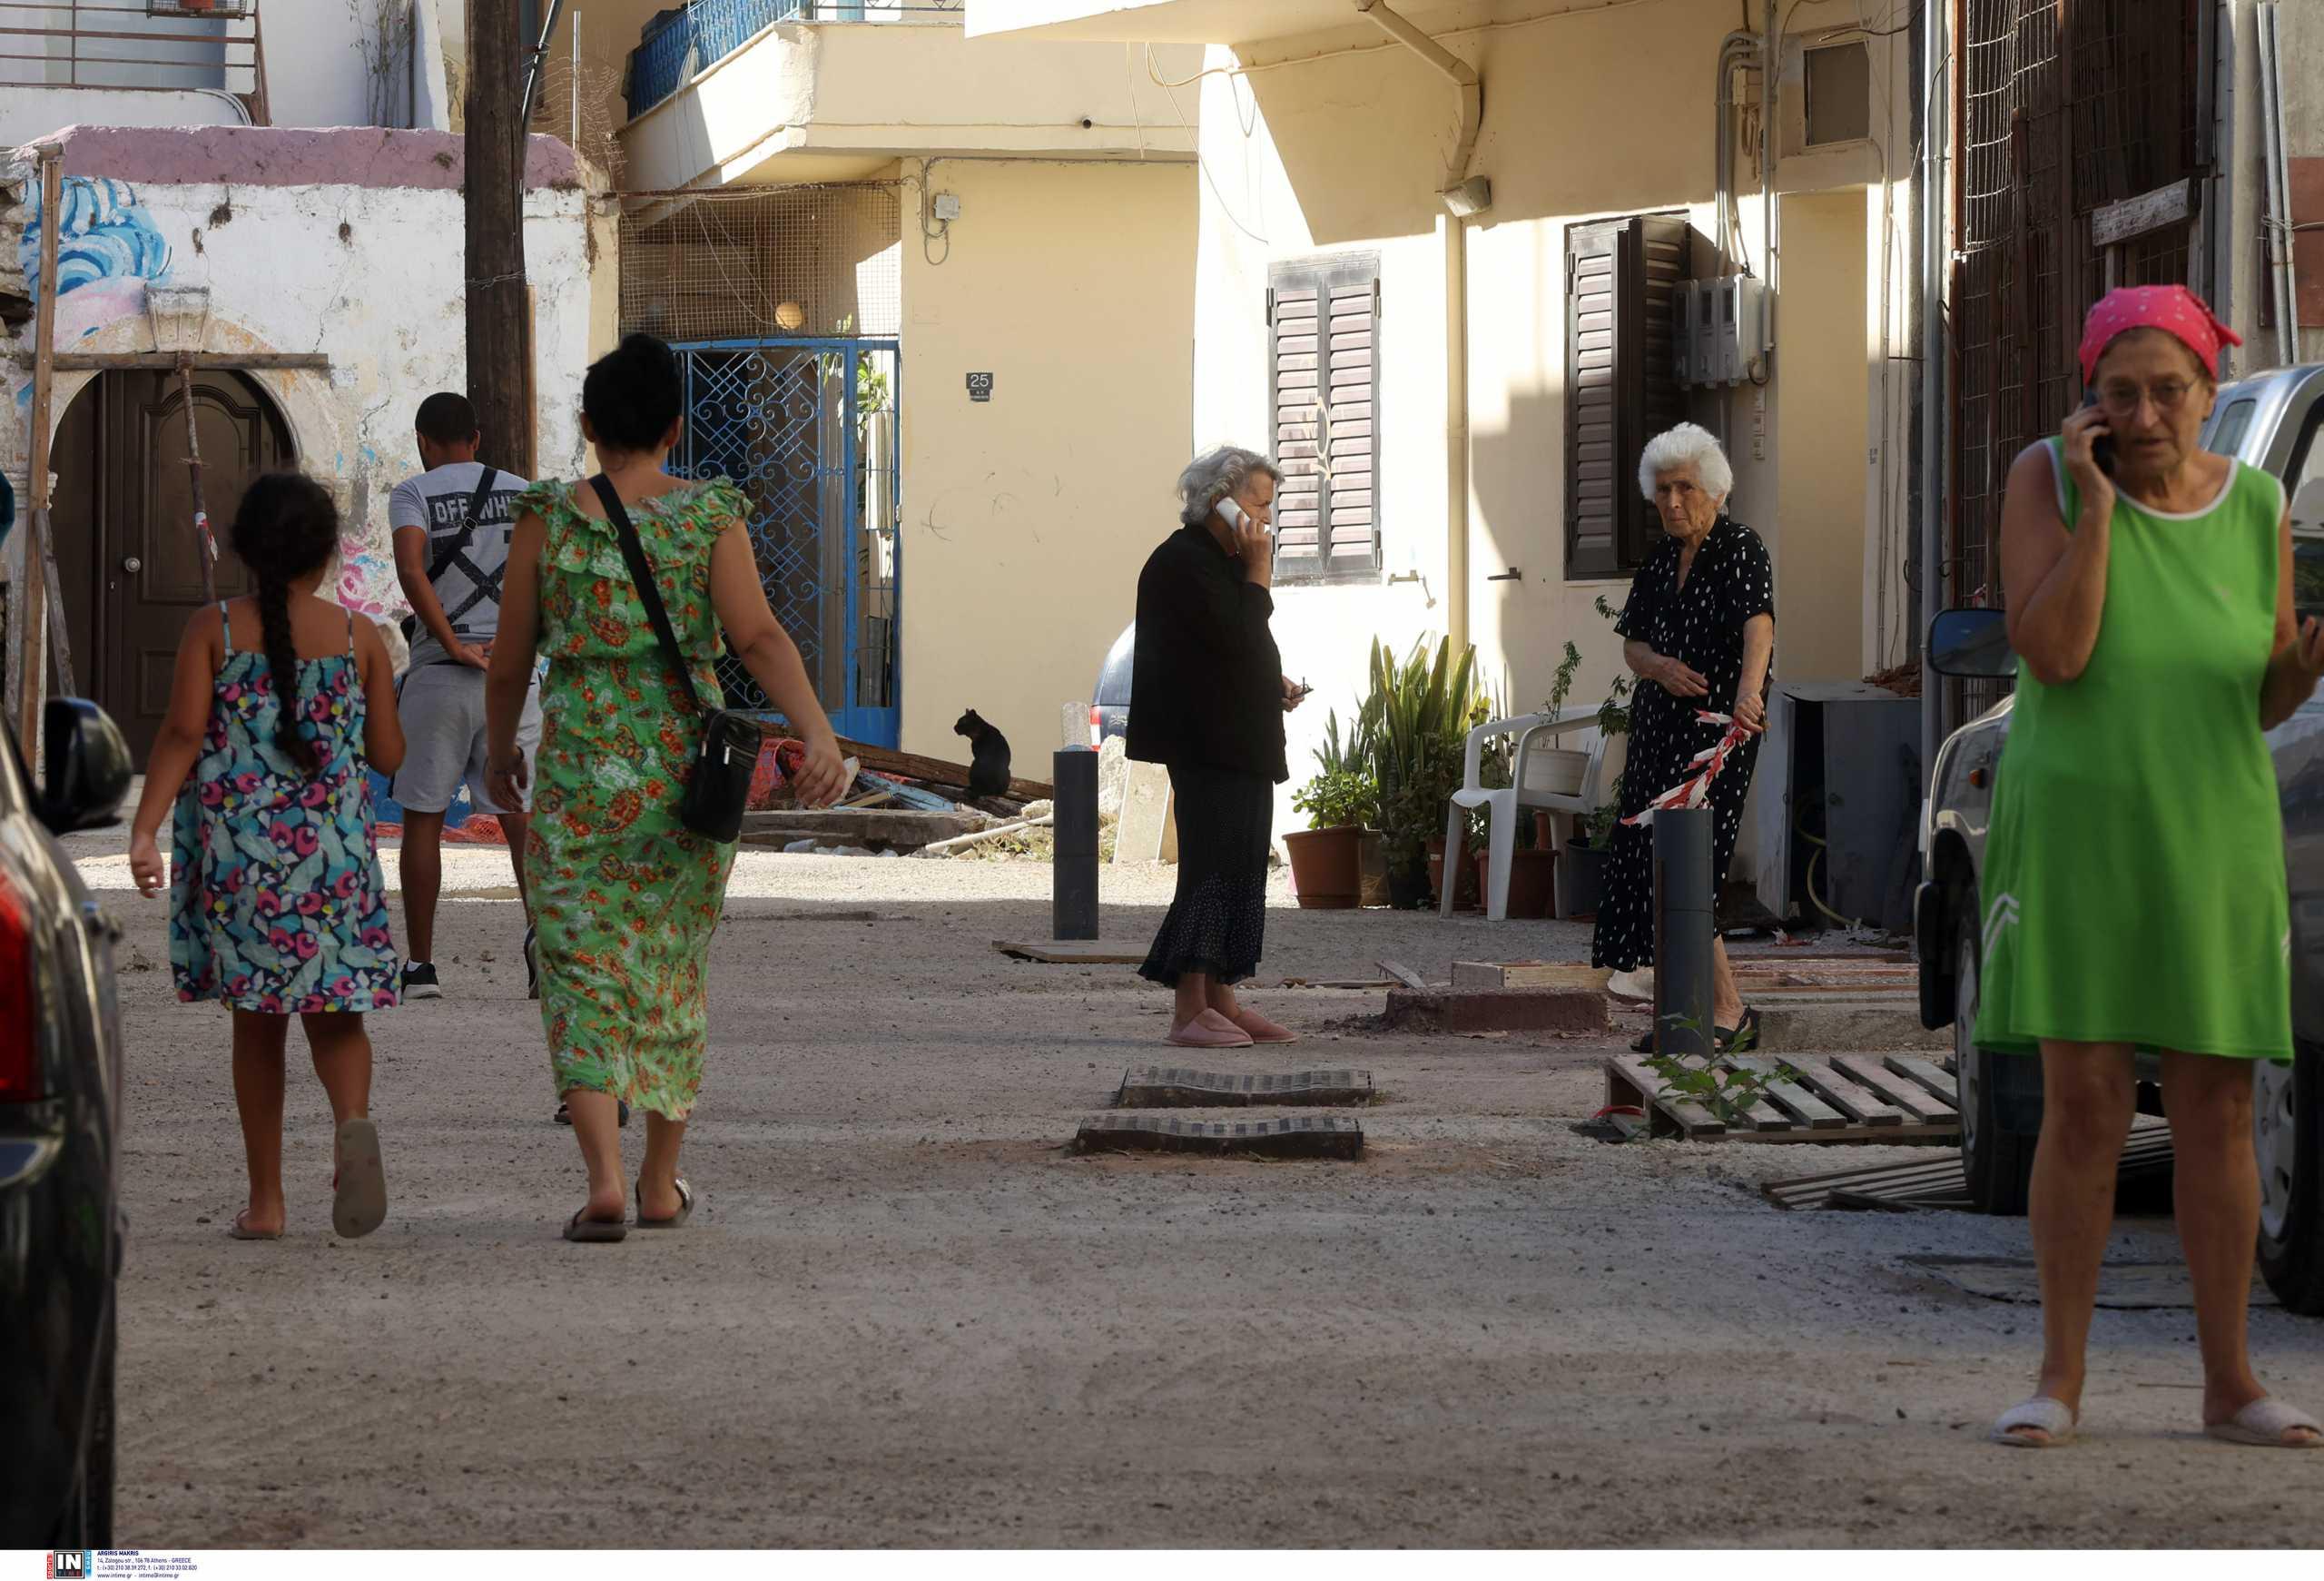 Σεισμός στην Κρήτη: Η κατάσταση στο Ρέθυμνο μετά τα 5,8 Ρίχτερ και τους αλλεπάλληλους μετασεισμούς